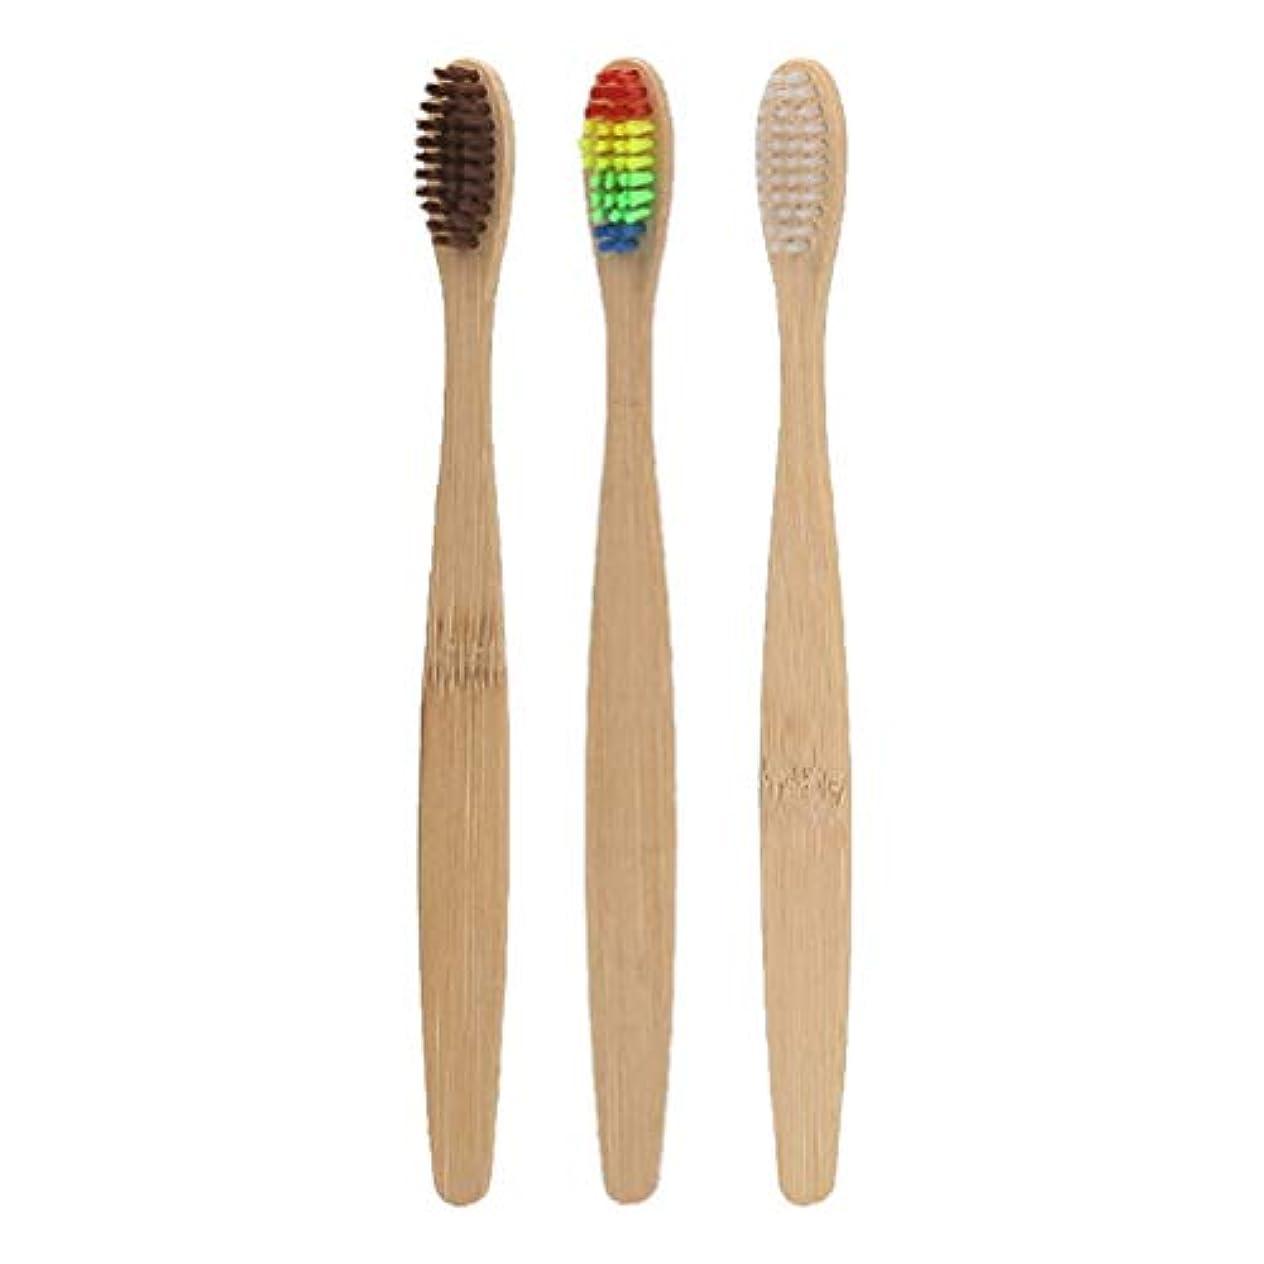 熱文明化するプールSUPVOX 男性の女性のための3本の天然竹歯ブラシ生分解性歯ブラシ